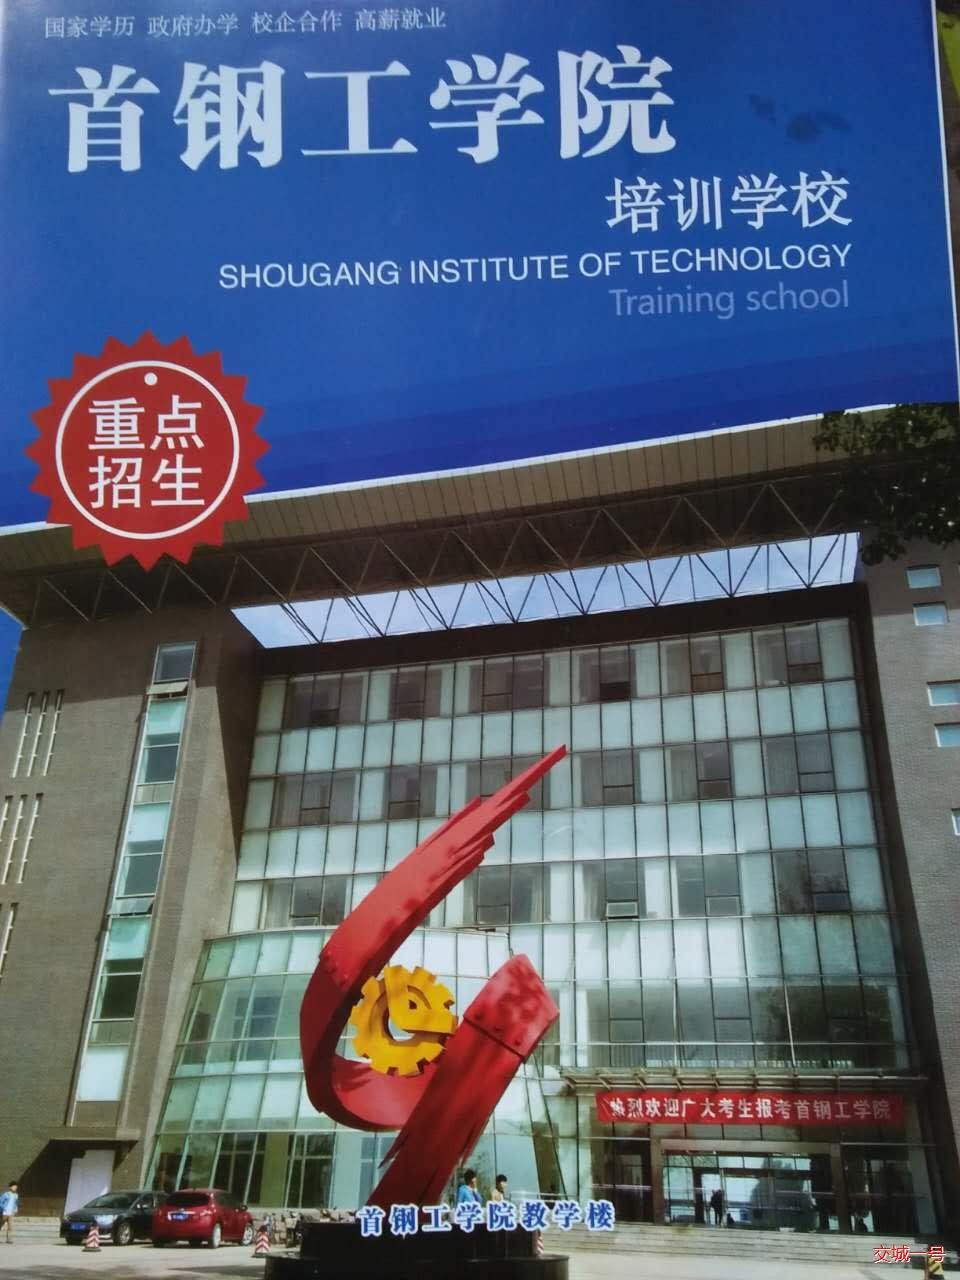 北京首钢工学院面向全国初高中生勇气v勇气,对是坚持一实例的种作文高中全年图片